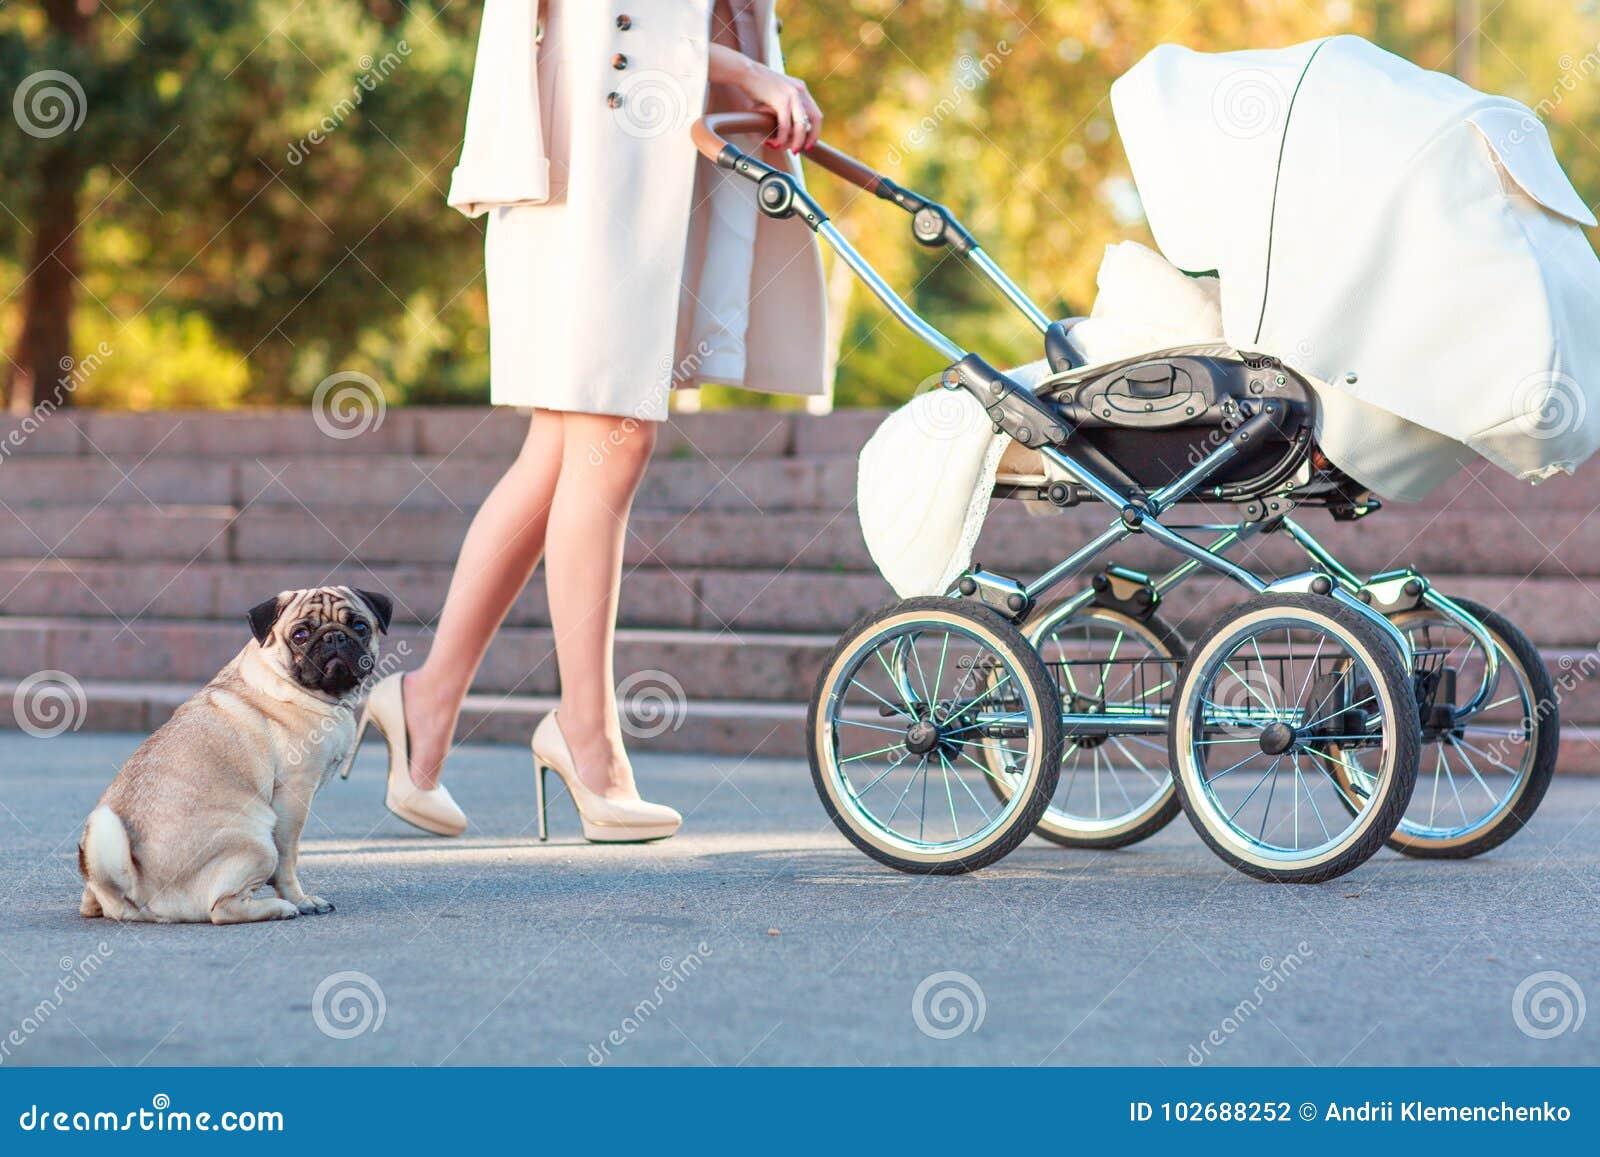 En flicka rullar en rullstol, och en hund sitter bredvid henne utanför